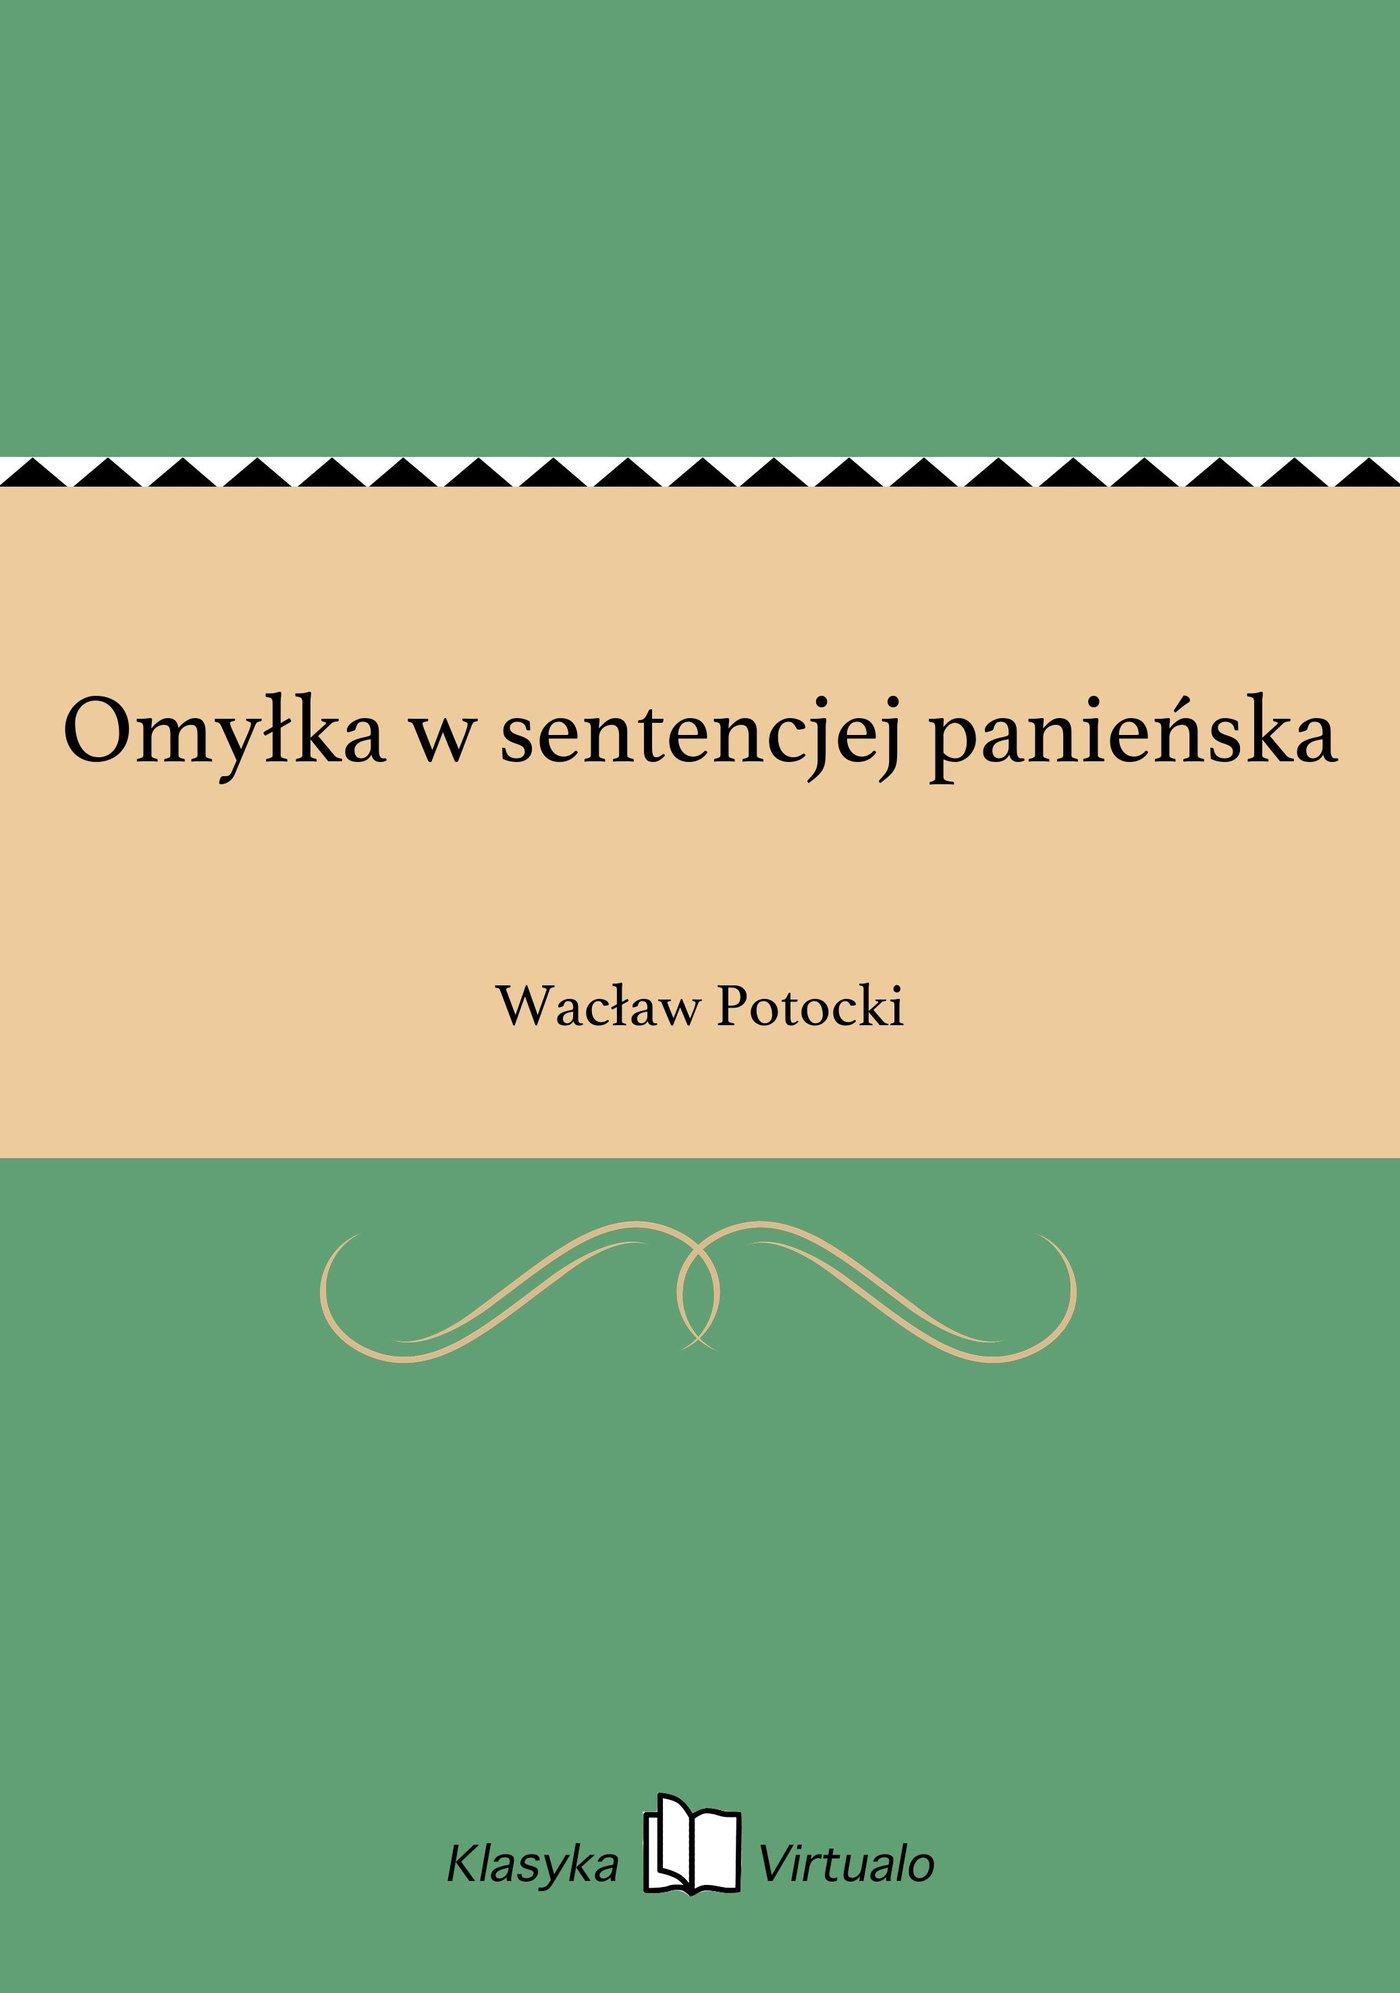 Omyłka w sentencjej panieńska - Ebook (Książka EPUB) do pobrania w formacie EPUB